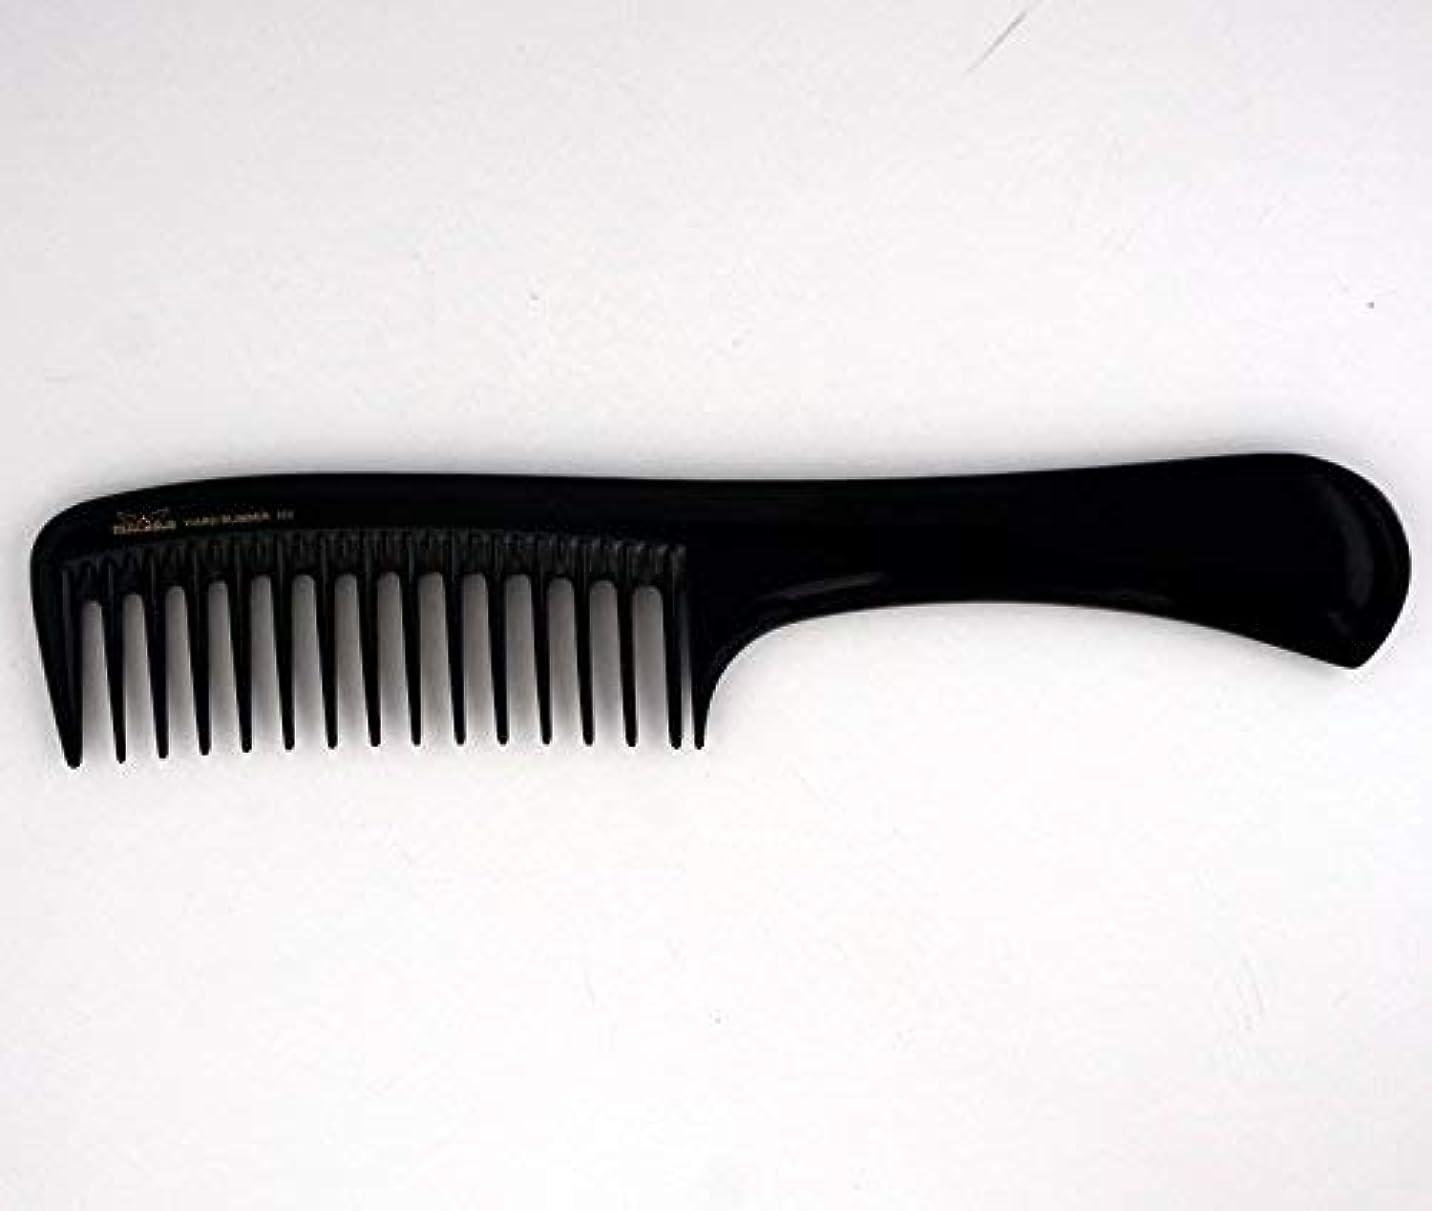 フォアタイプ減る私たちのもの9in, Hard Rubber, Wide Tooth Handle Comb [並行輸入品]